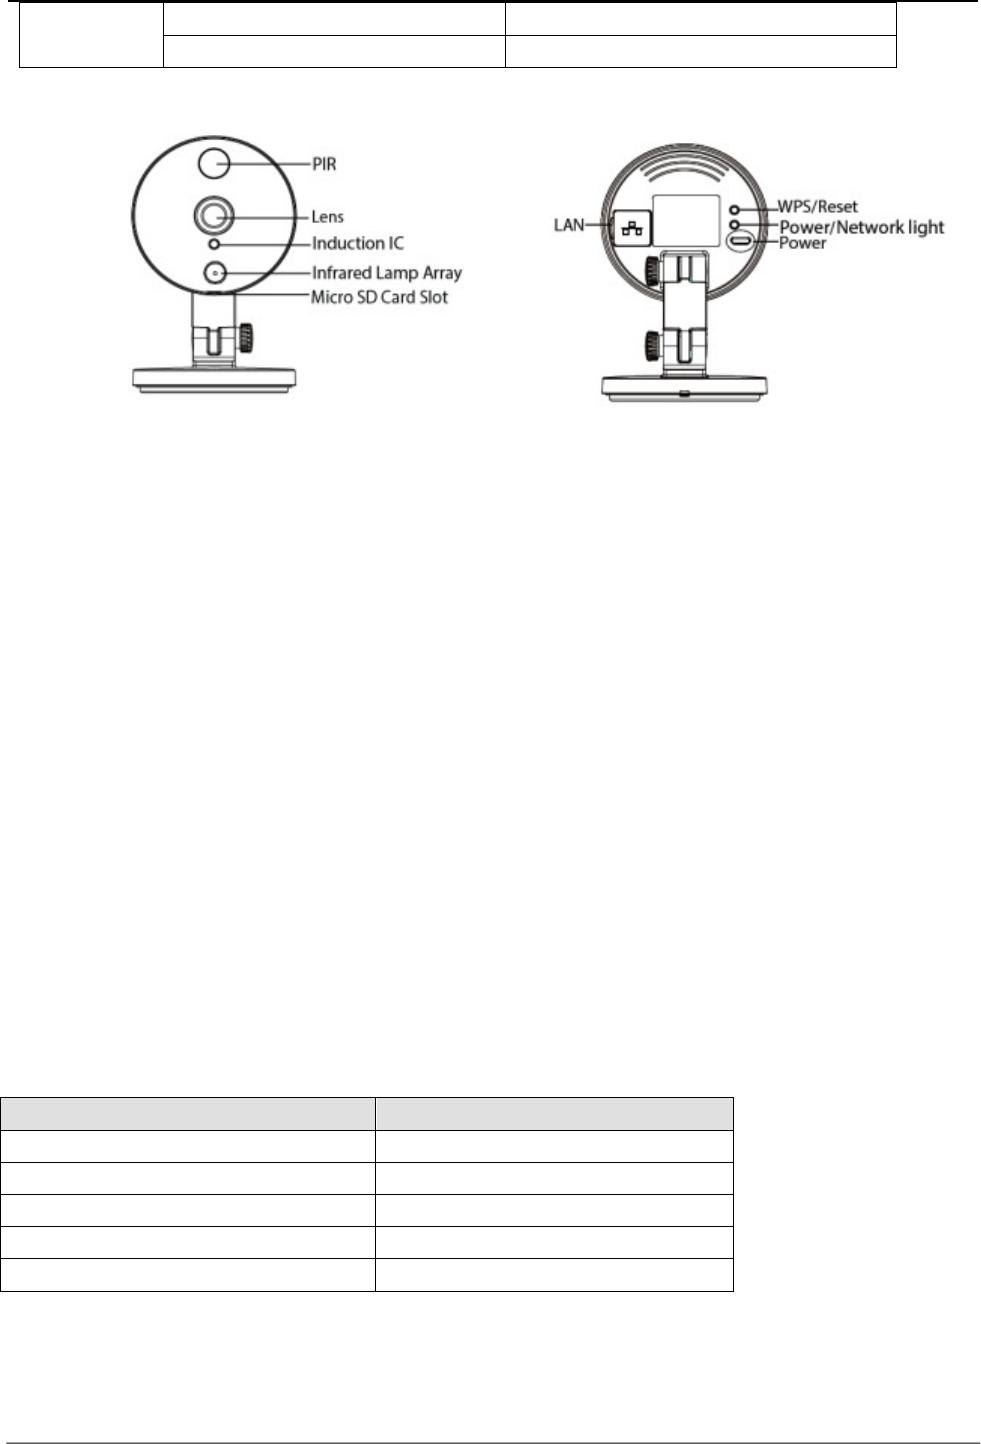 Shenzhen Foscam Intelligent Technology R2 Fhd Wireless Ip Camera Wiring Diagram Co Limited